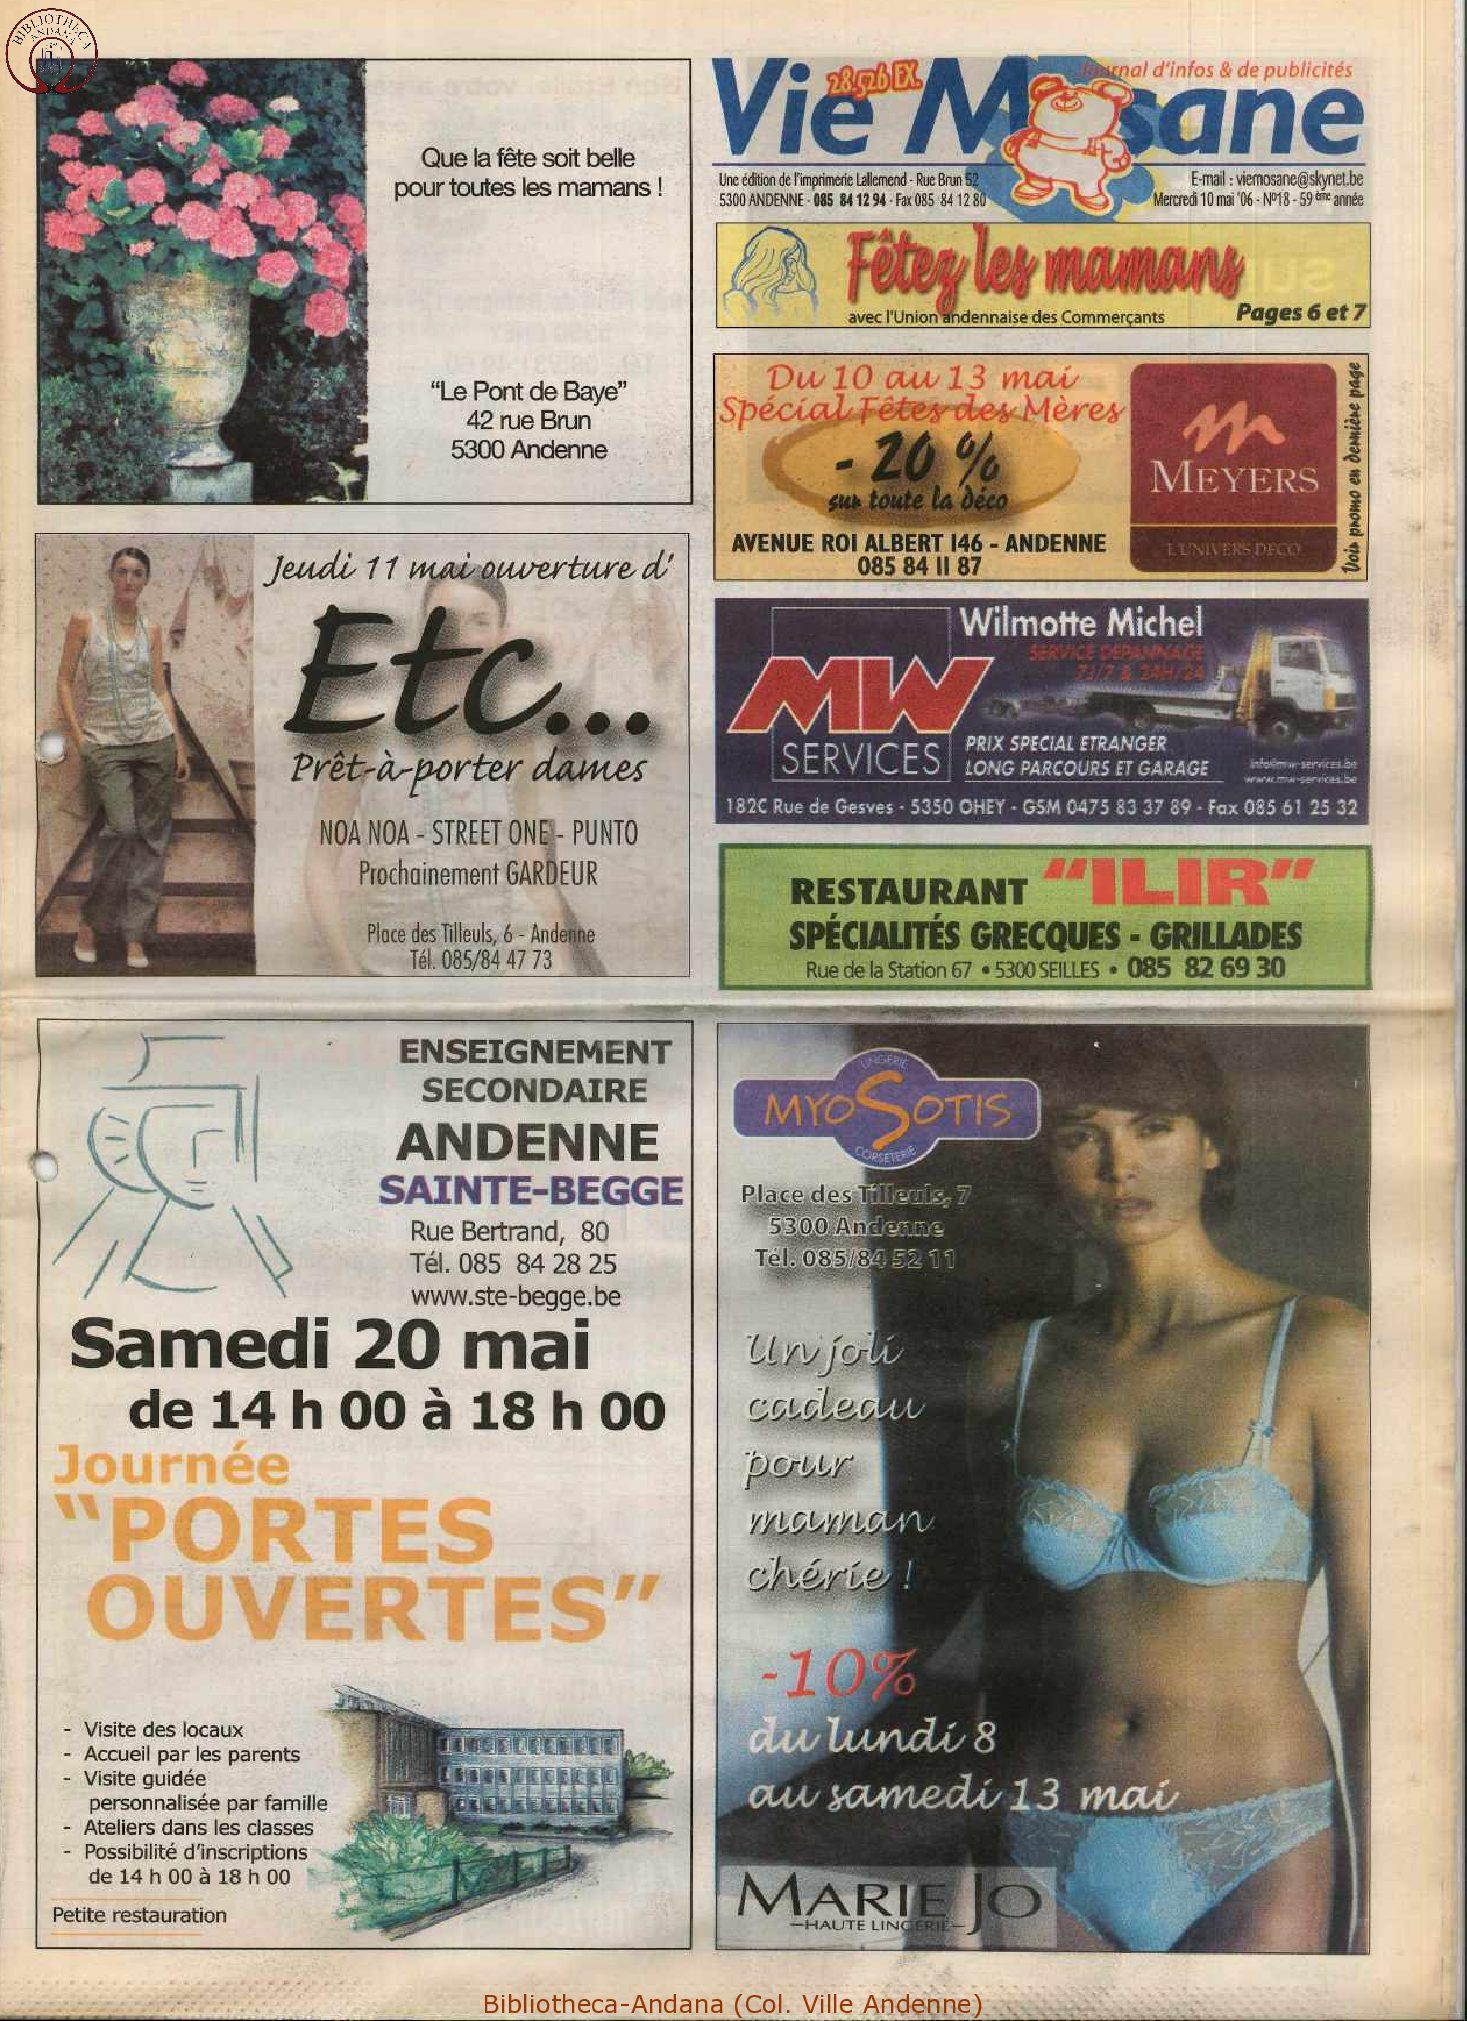 59e année - n°18 - 10 mai 2006